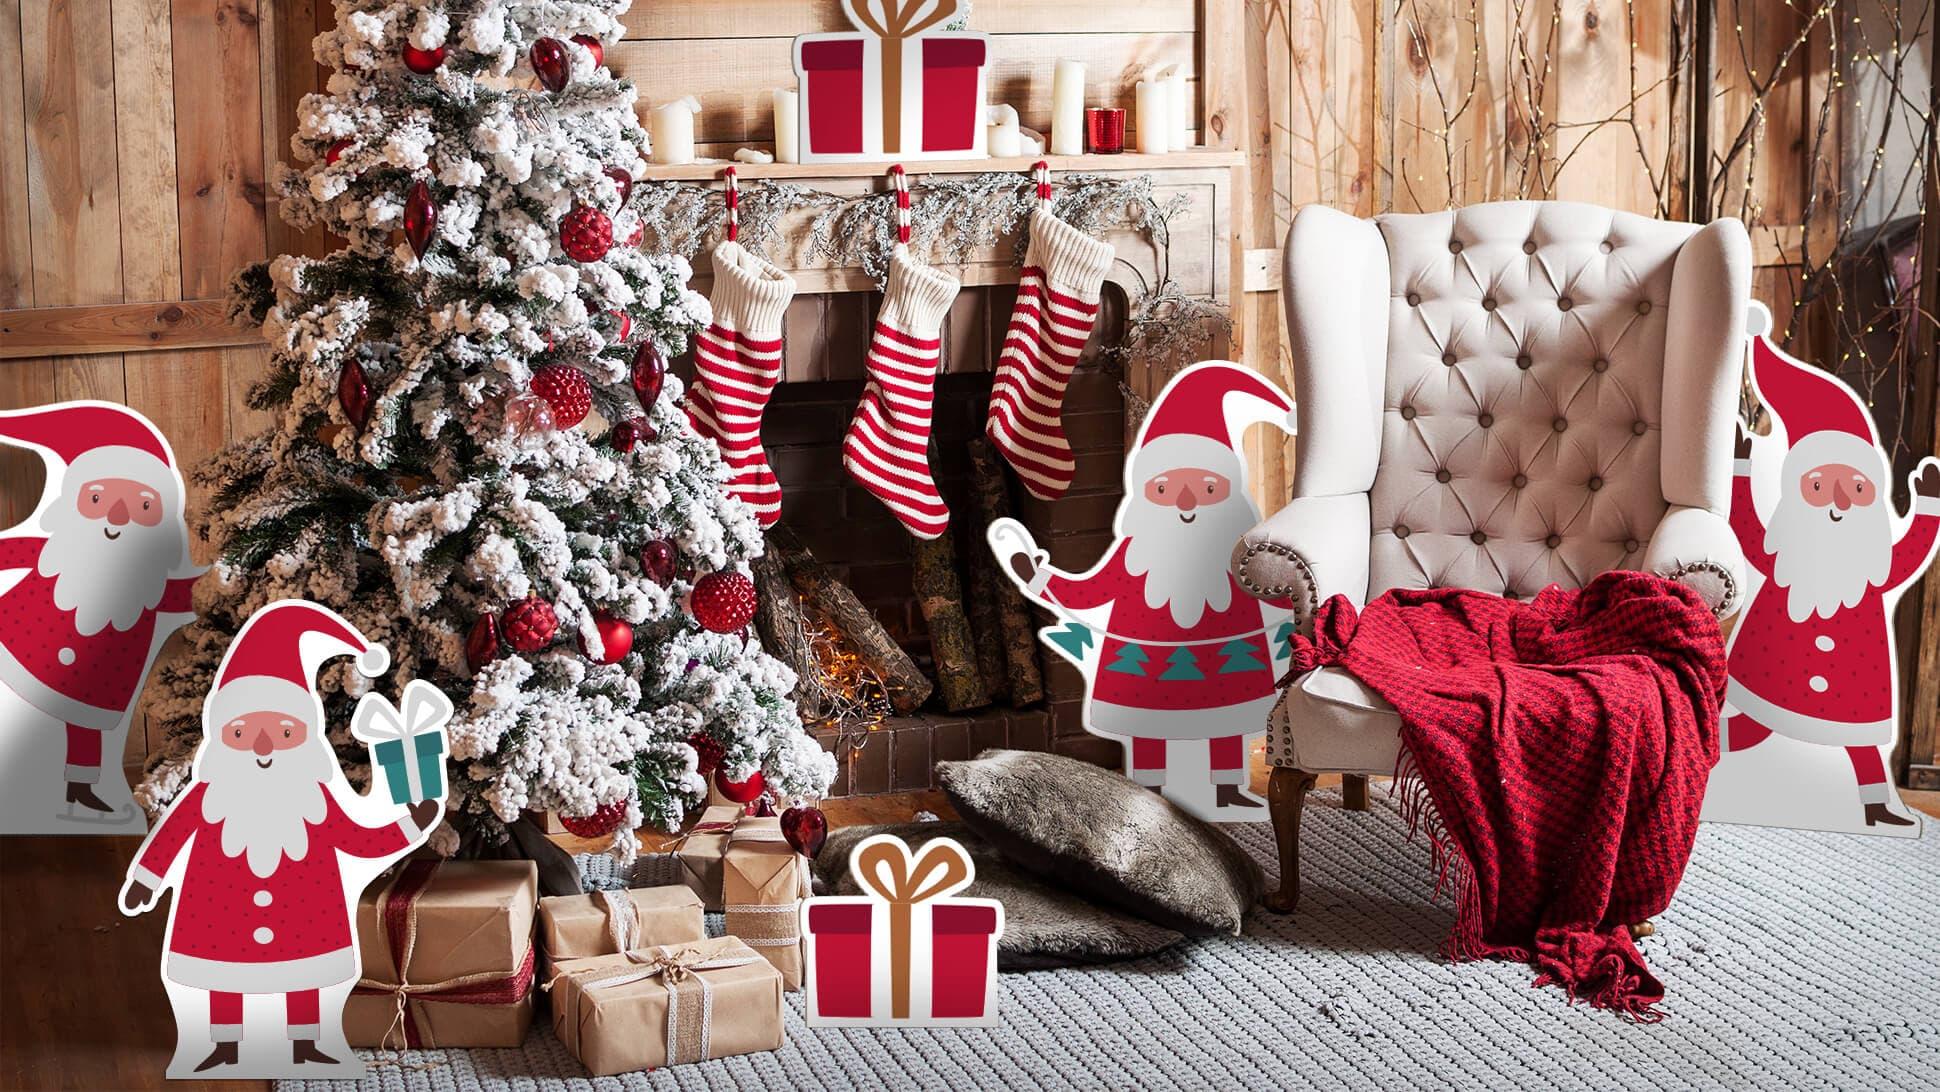 Sagomati natalizi con grafica di Babbo Natale per allestimento negozi e vetrine | tictac.it